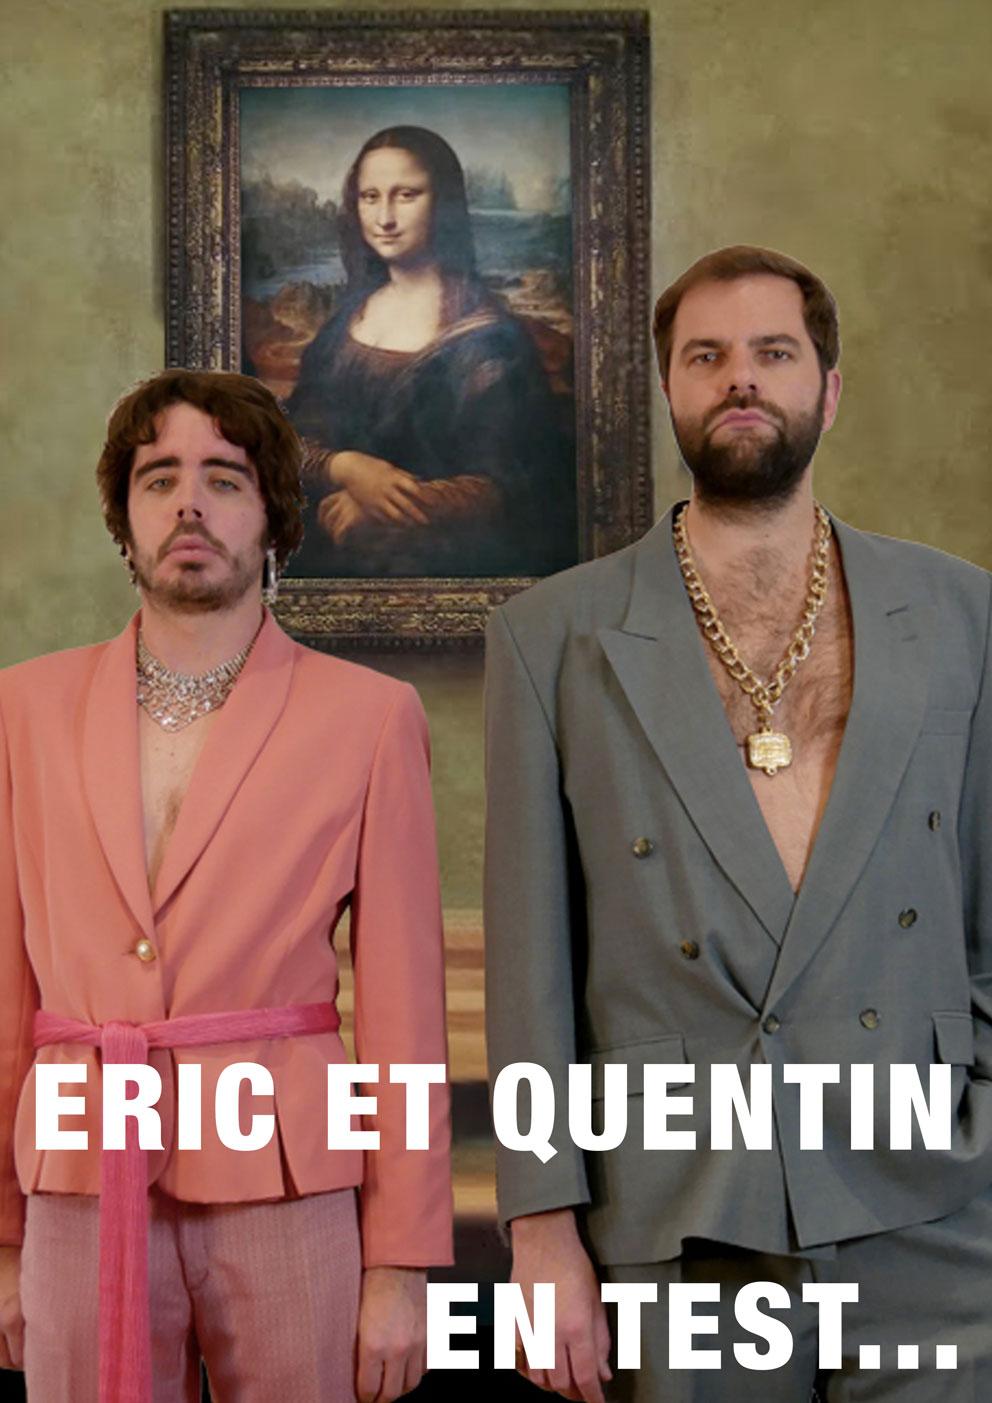 Eric et Quentin - Humour - Marseille - L'Art Dû - 13006 - Spectacle